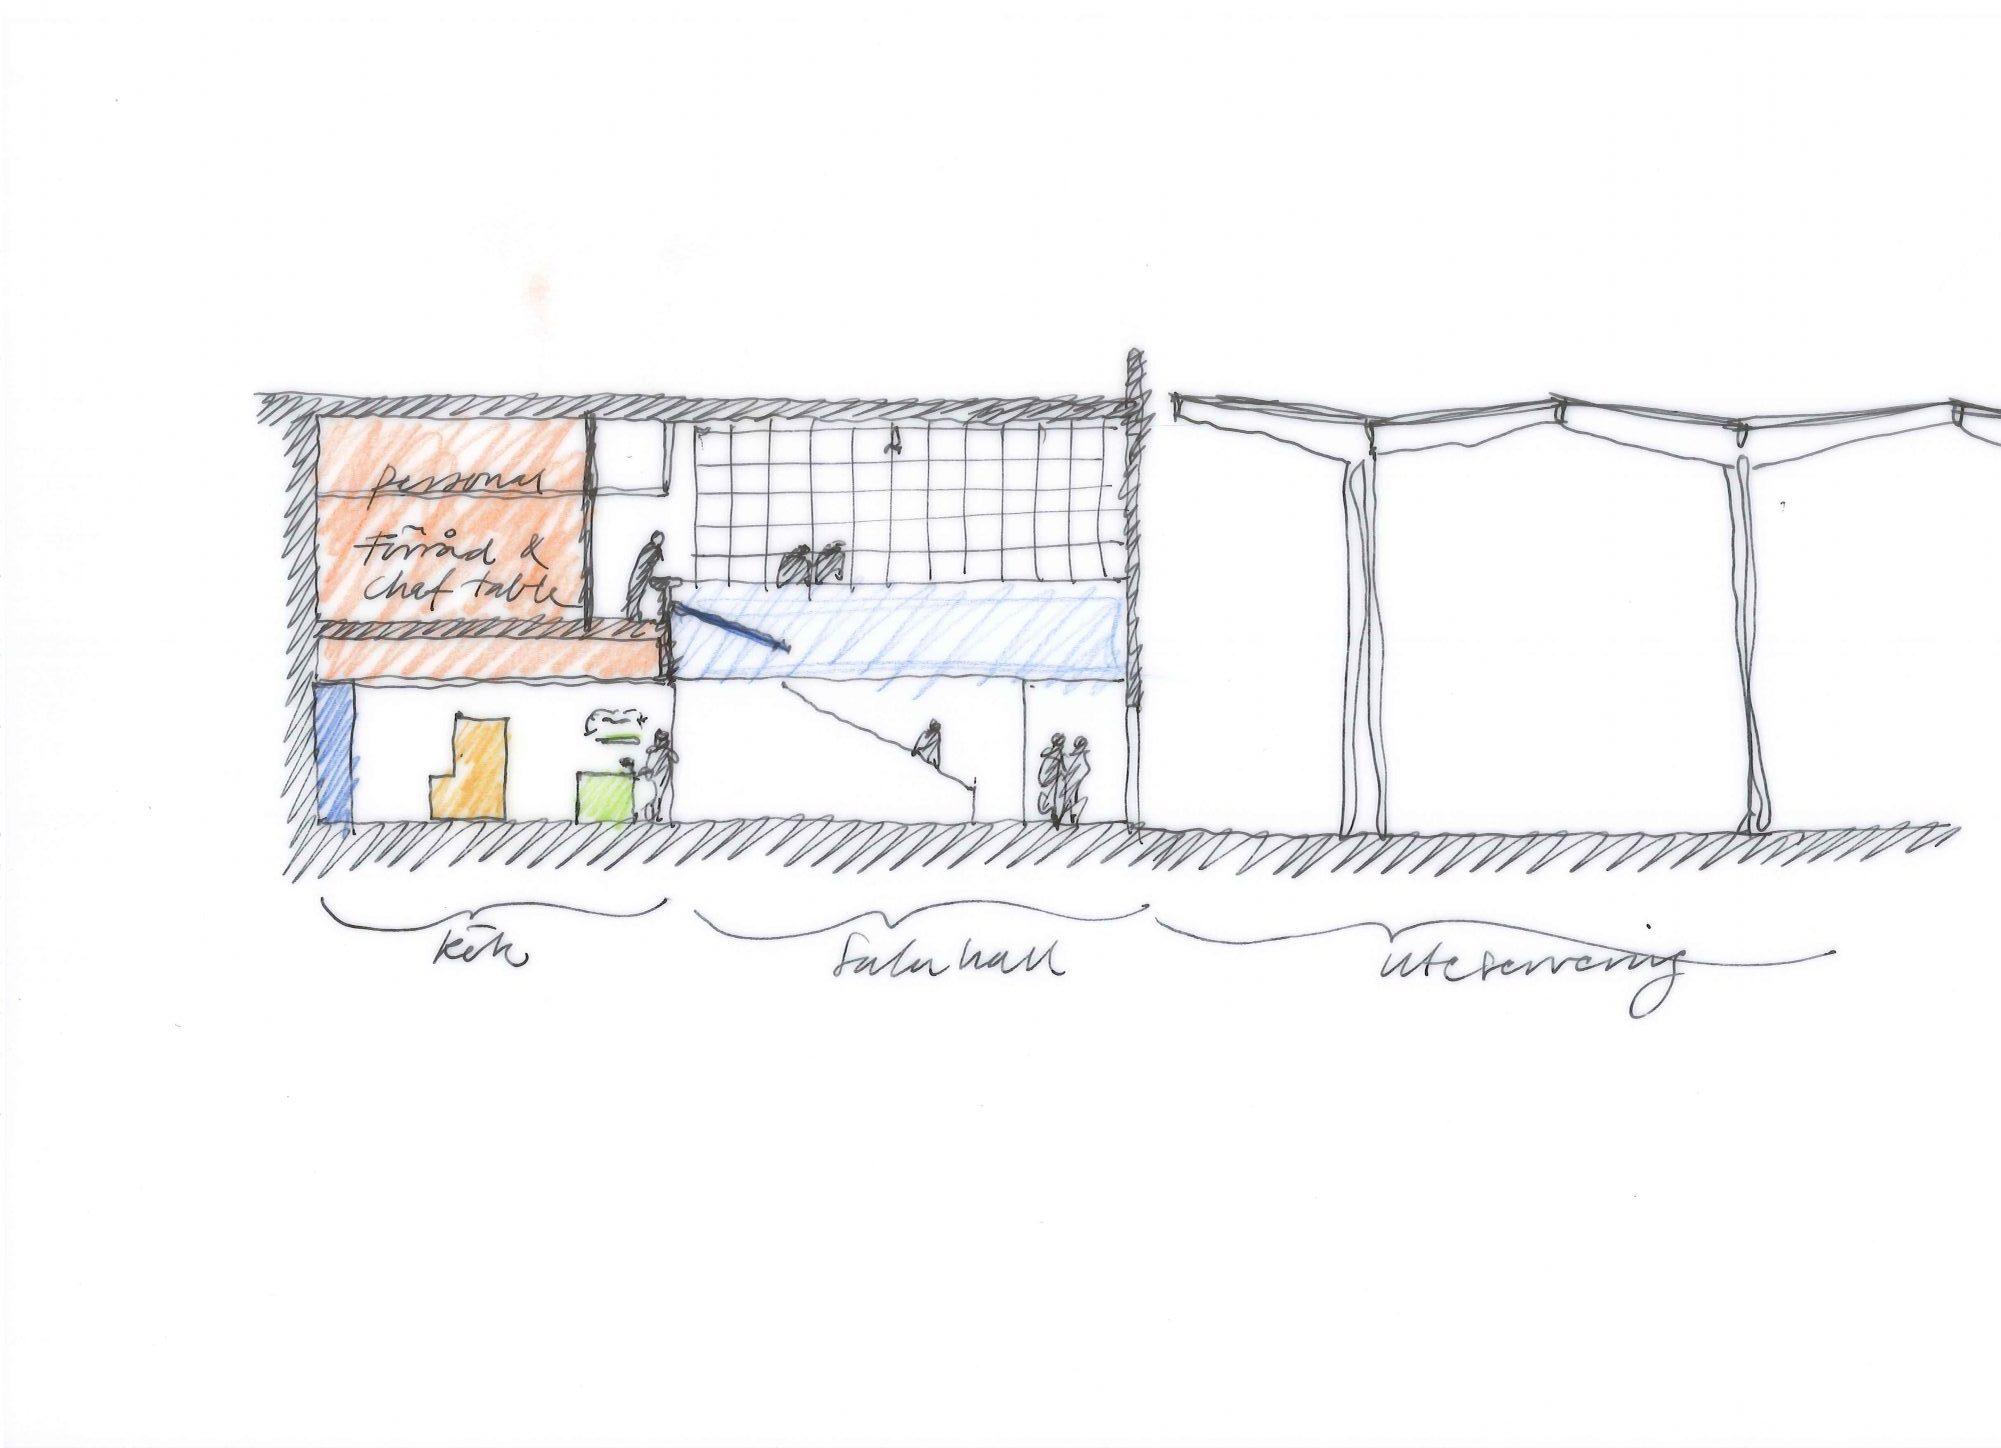 Sektionsskiss över ombyggnadsförslaget för restaurangen i IKEA Museum, Älmhult, ritat av Rex Arkitektbyrå.